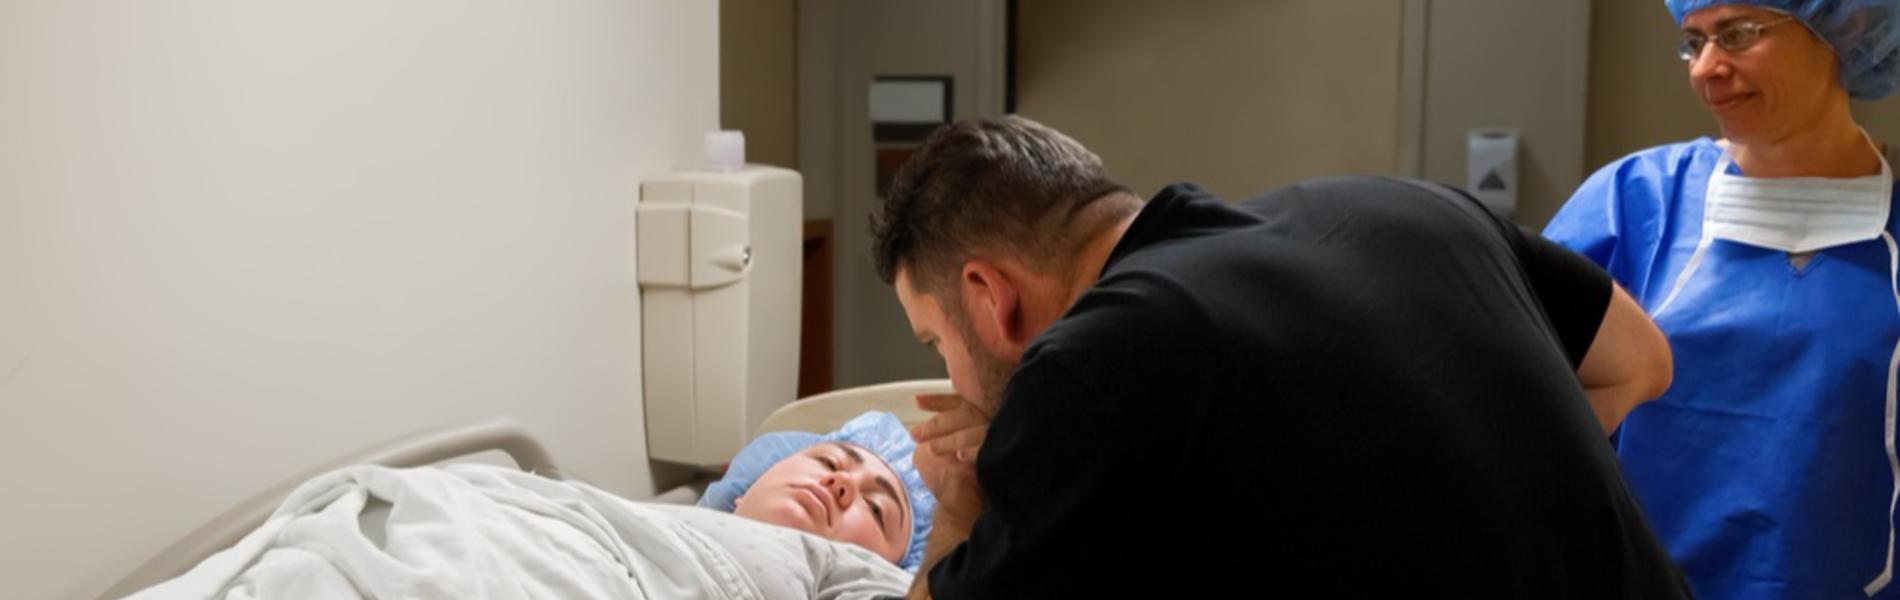 נוכחות חסרה: האבות שבחרו להישאר מחוץ לחדר הלידה